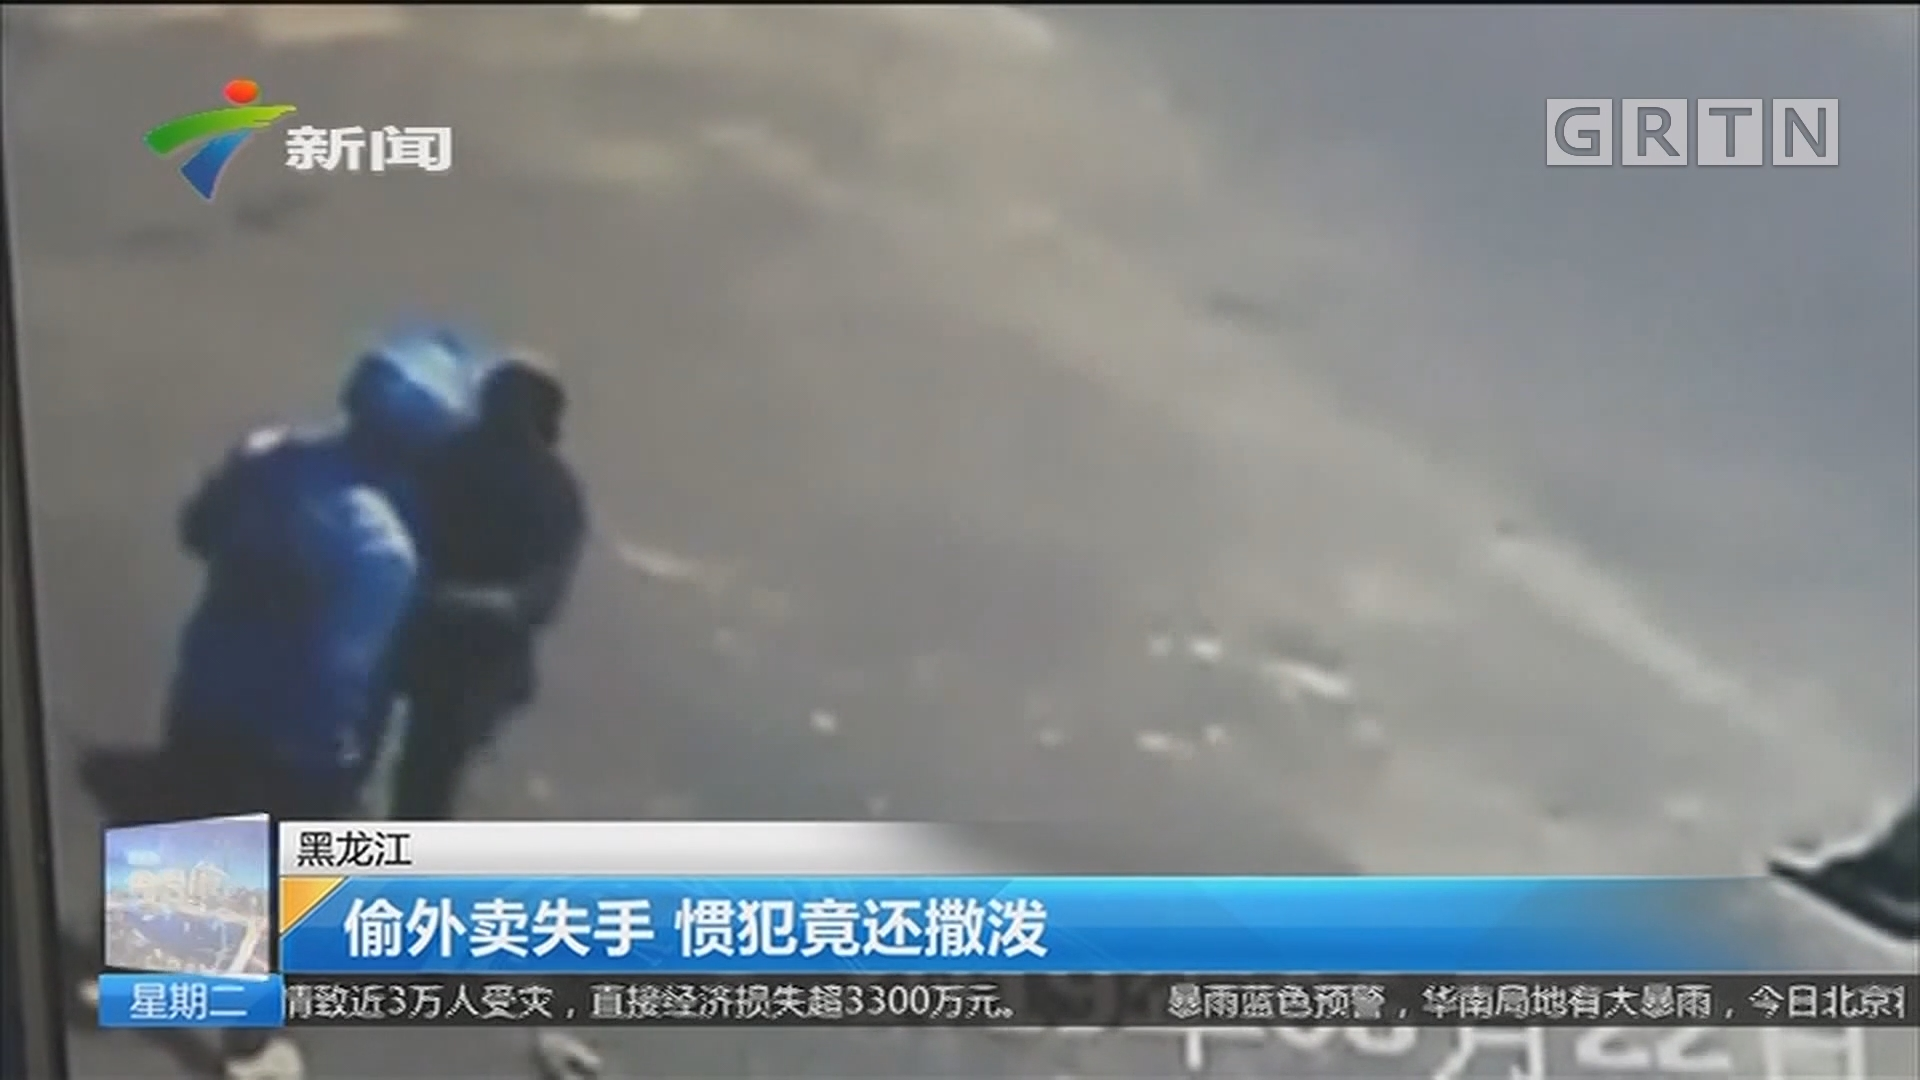 黑龙江:偷外卖失手 惯犯竟还撒泼